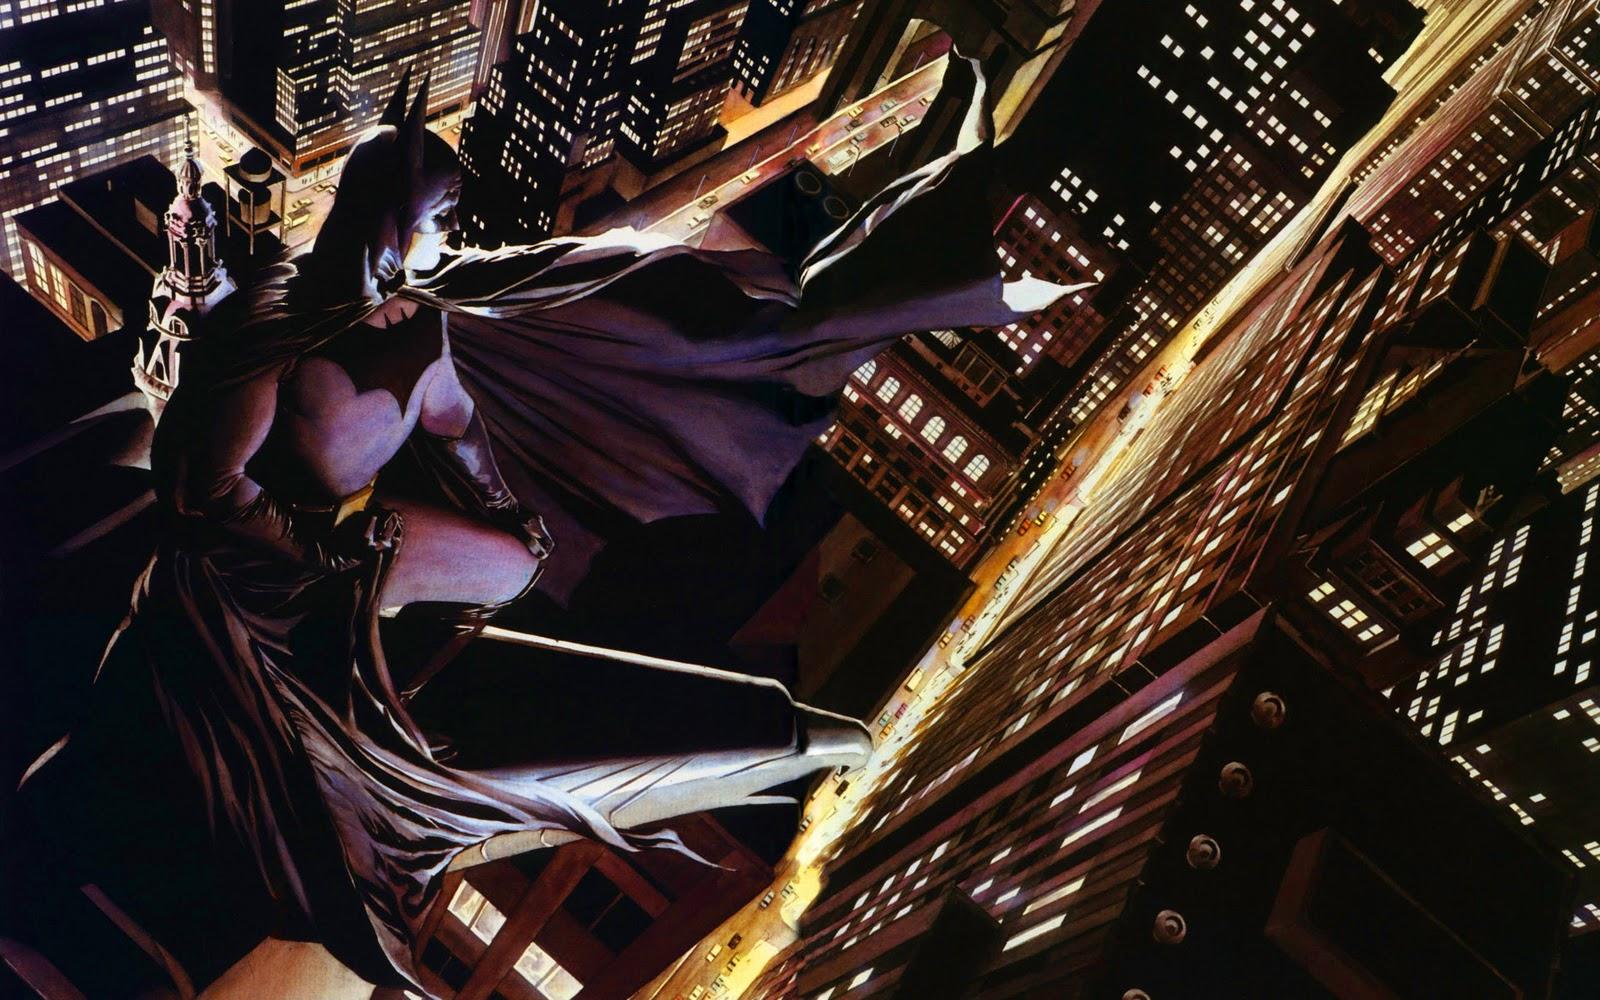 http://3.bp.blogspot.com/-Z18xnGD2pCI/TZrz5SD9sOI/AAAAAAAAGtM/RtoroHkff04/s1600/Batman-achtergronden-hd-batman-wallpapers-afbeelding-14.jpg